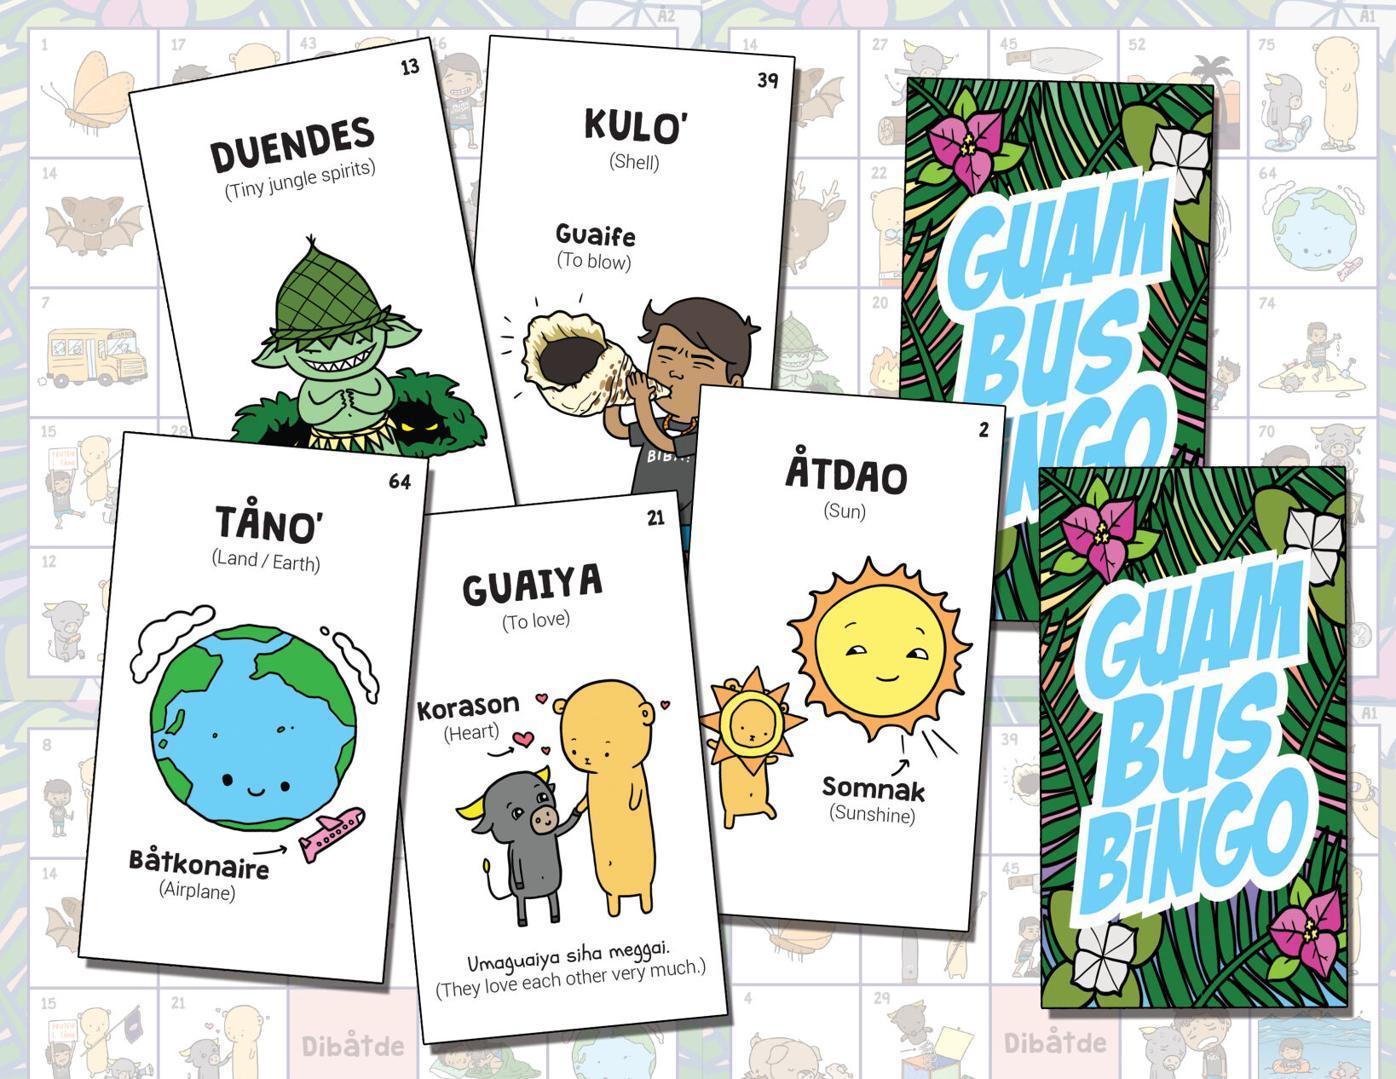 Guam Bus Bingo